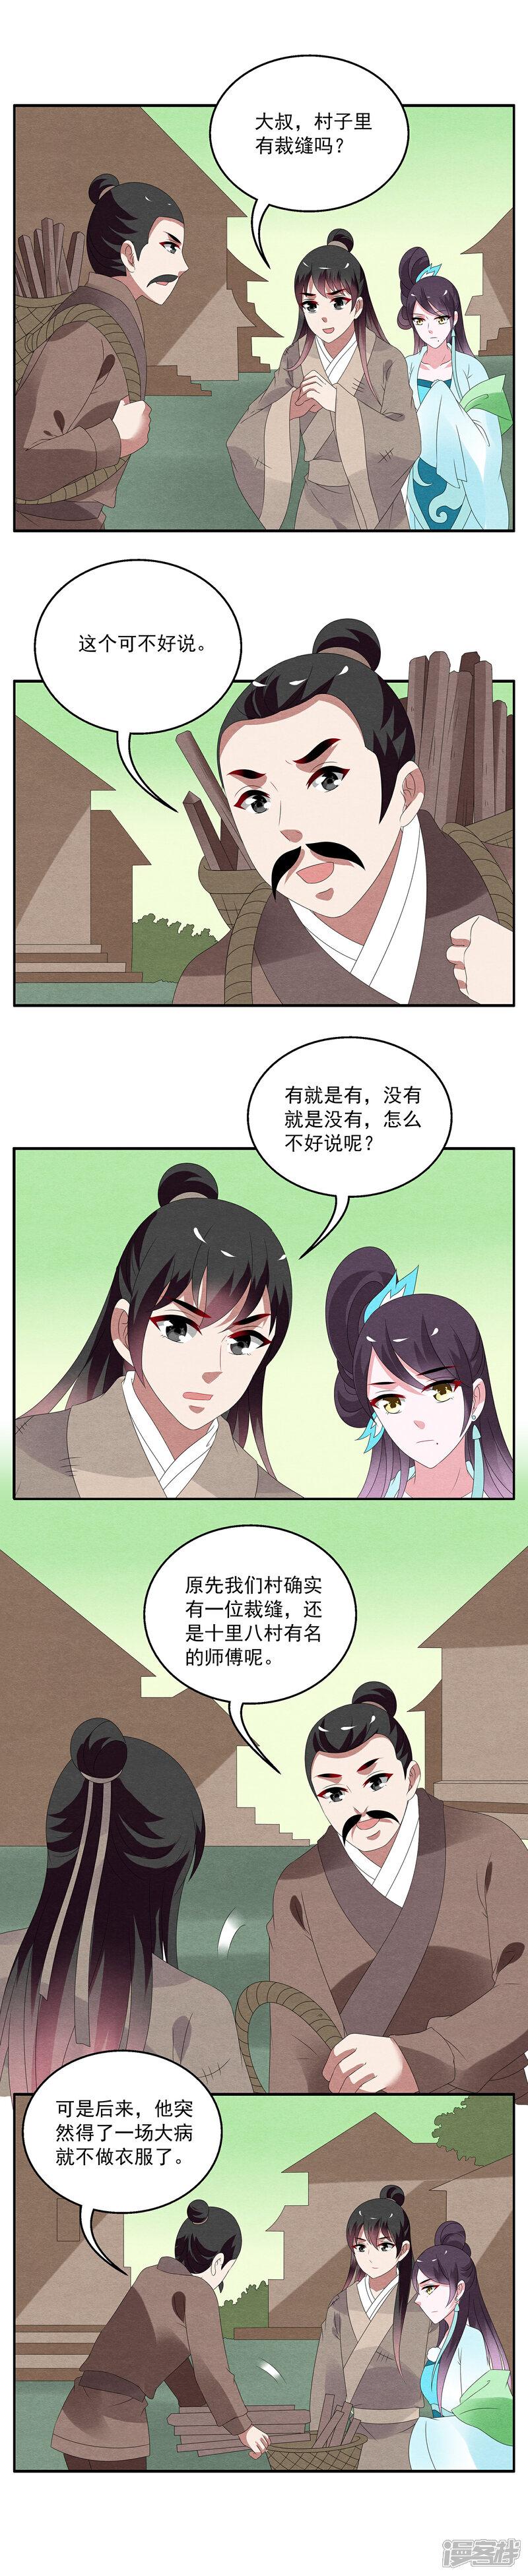 洛小妖119 (3).JPG